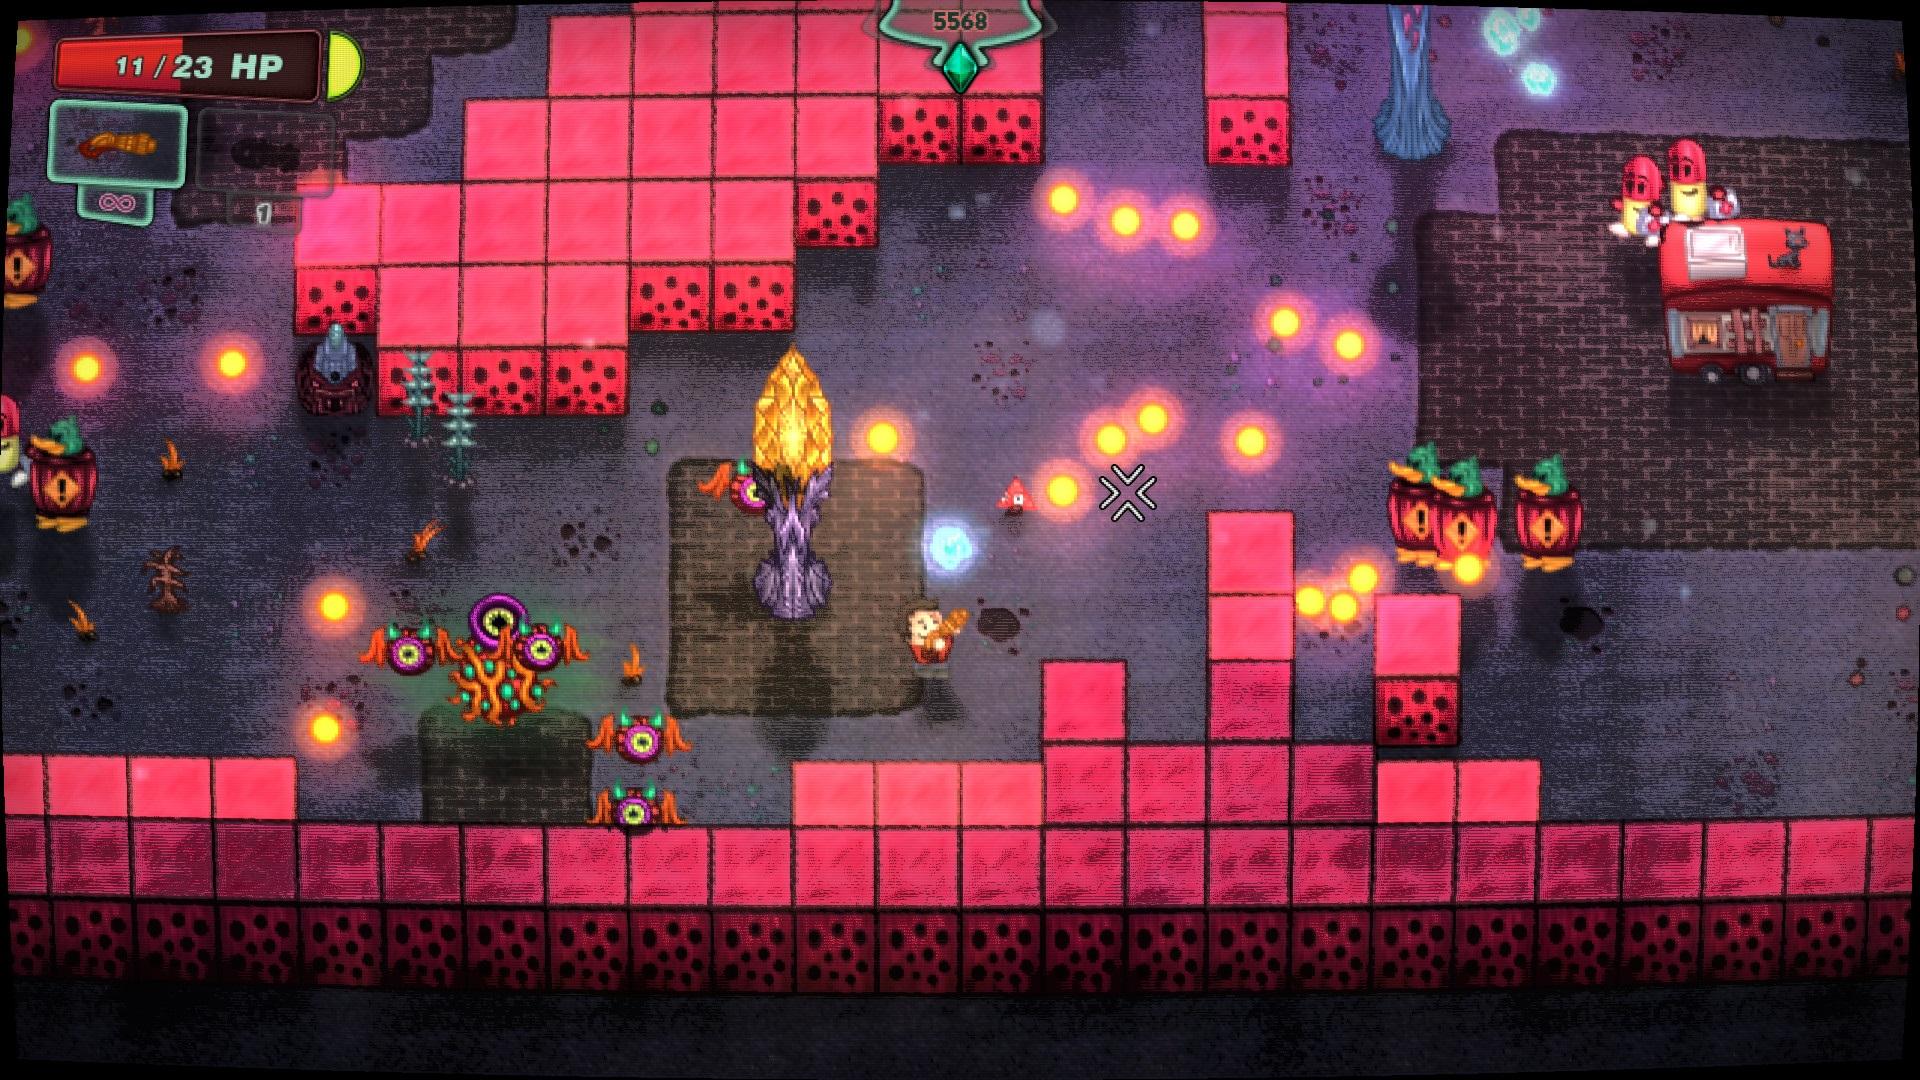 Разработчик заявил, что пиратство позволило увеличить продажи его игры на400%